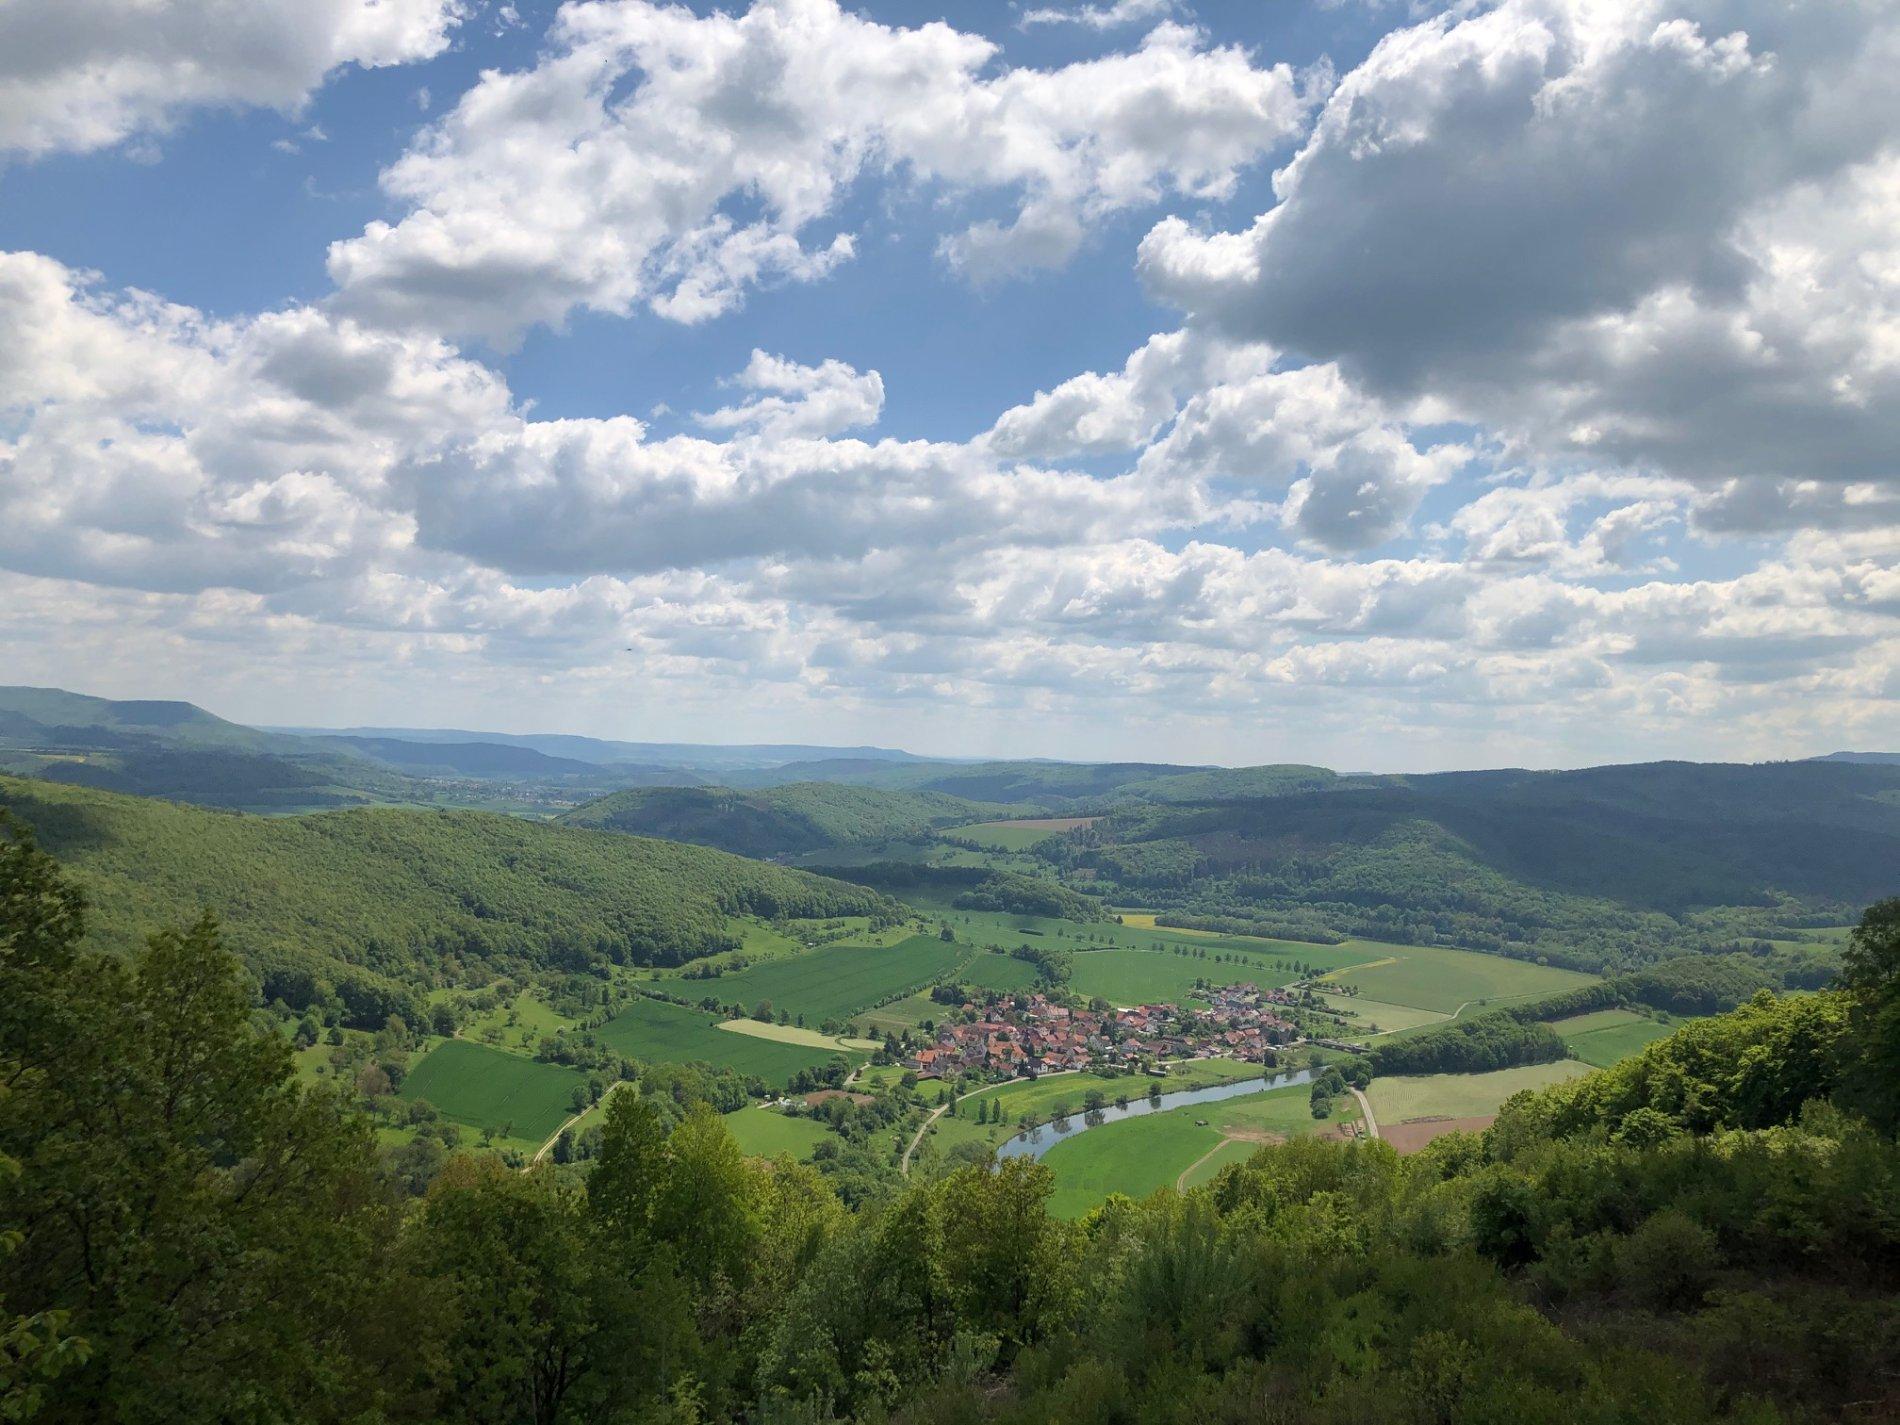 Der Lindewerrablick zeigt die Höhenzüge im Osten Hessens